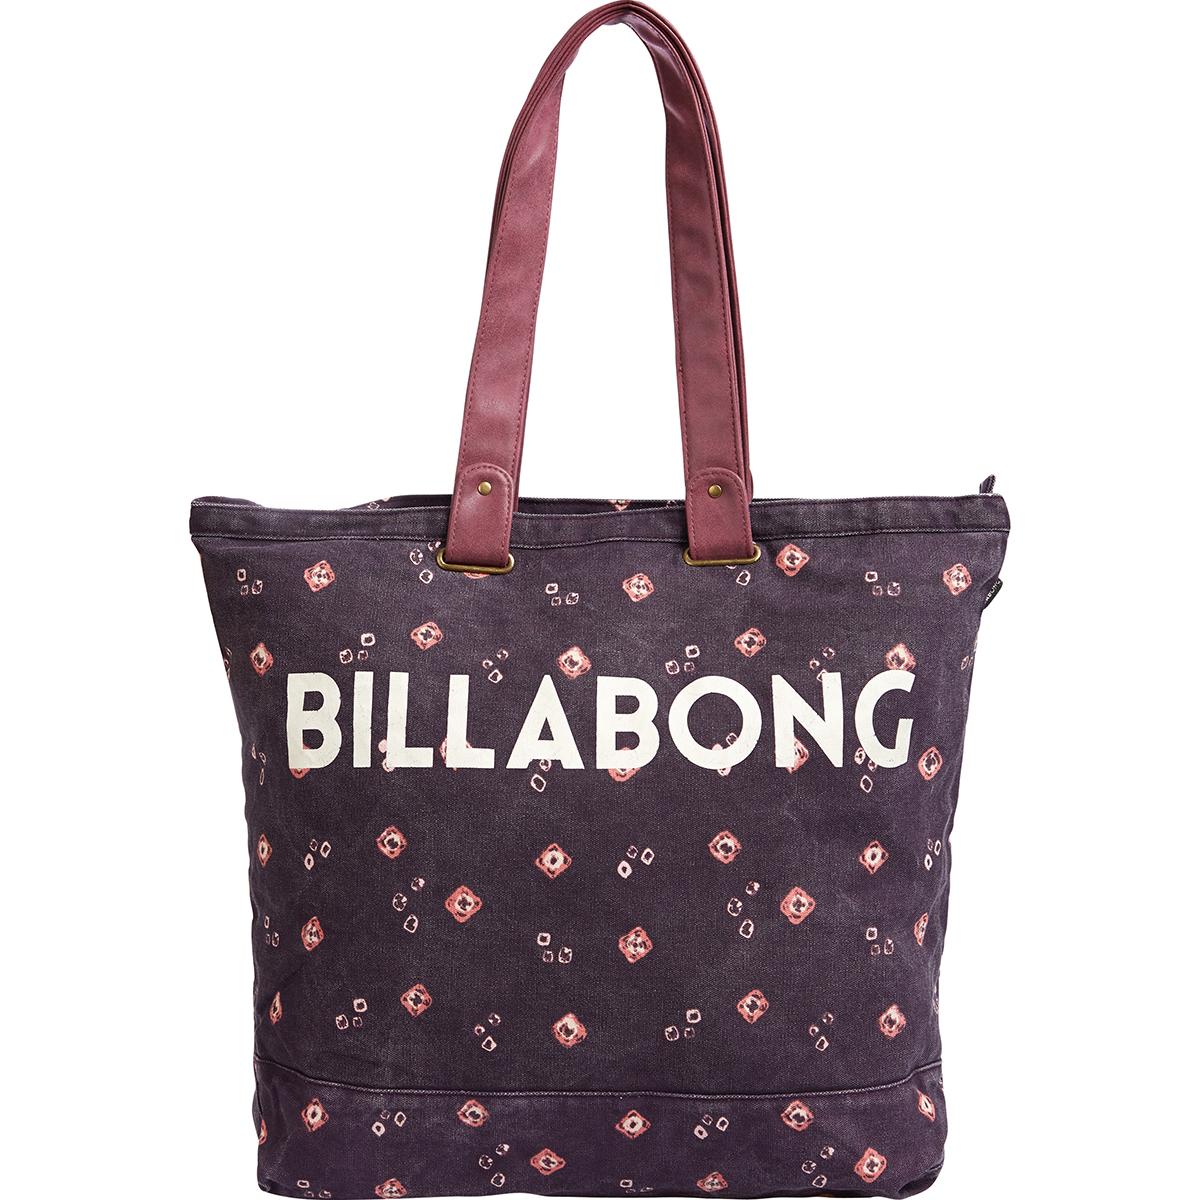 Сумка женская Billabong Essential Plus, цвет: светло-бордовый, 25 л. Z9BG10Z9BG10Вместительная сумка с простой внутренней организацией. Лаконичный крой, дополненный внутренним карманом на молнии, который позволит быстро находить необходимые мелочи, позволит вместить множество вещей.